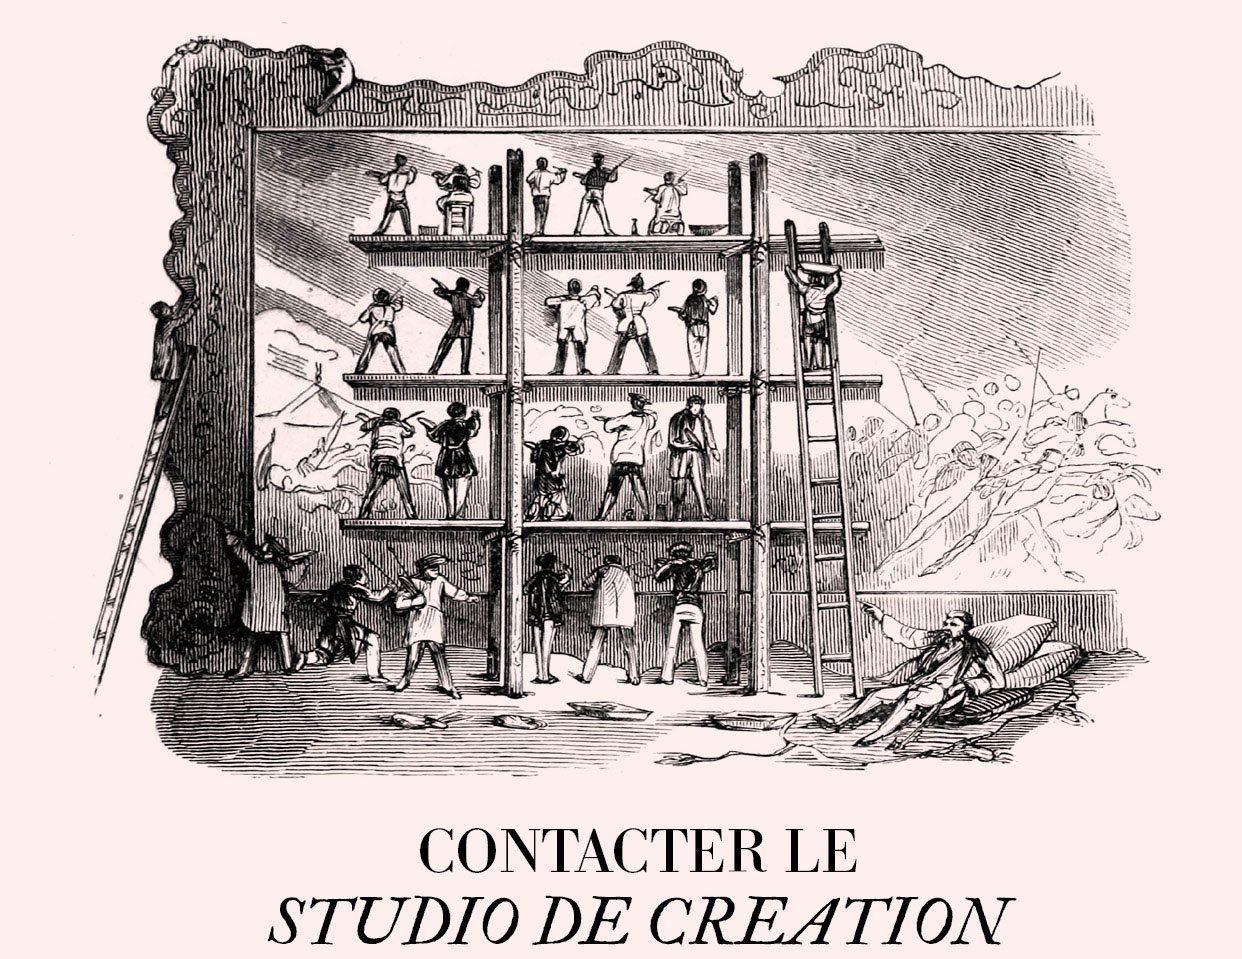 Contact studio de création +33 1 48 70 36 70